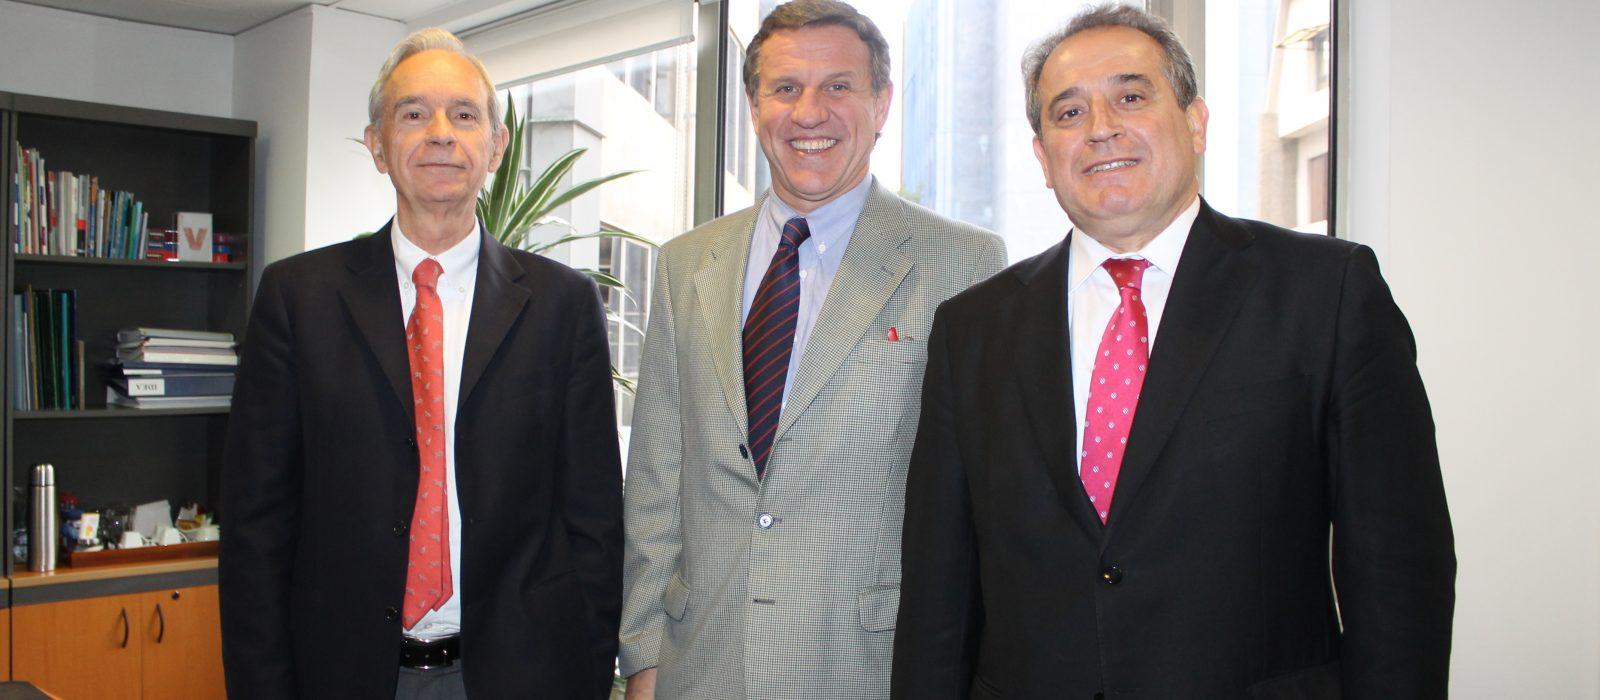 Fundación SM: una nueva mirada para la educación chilena